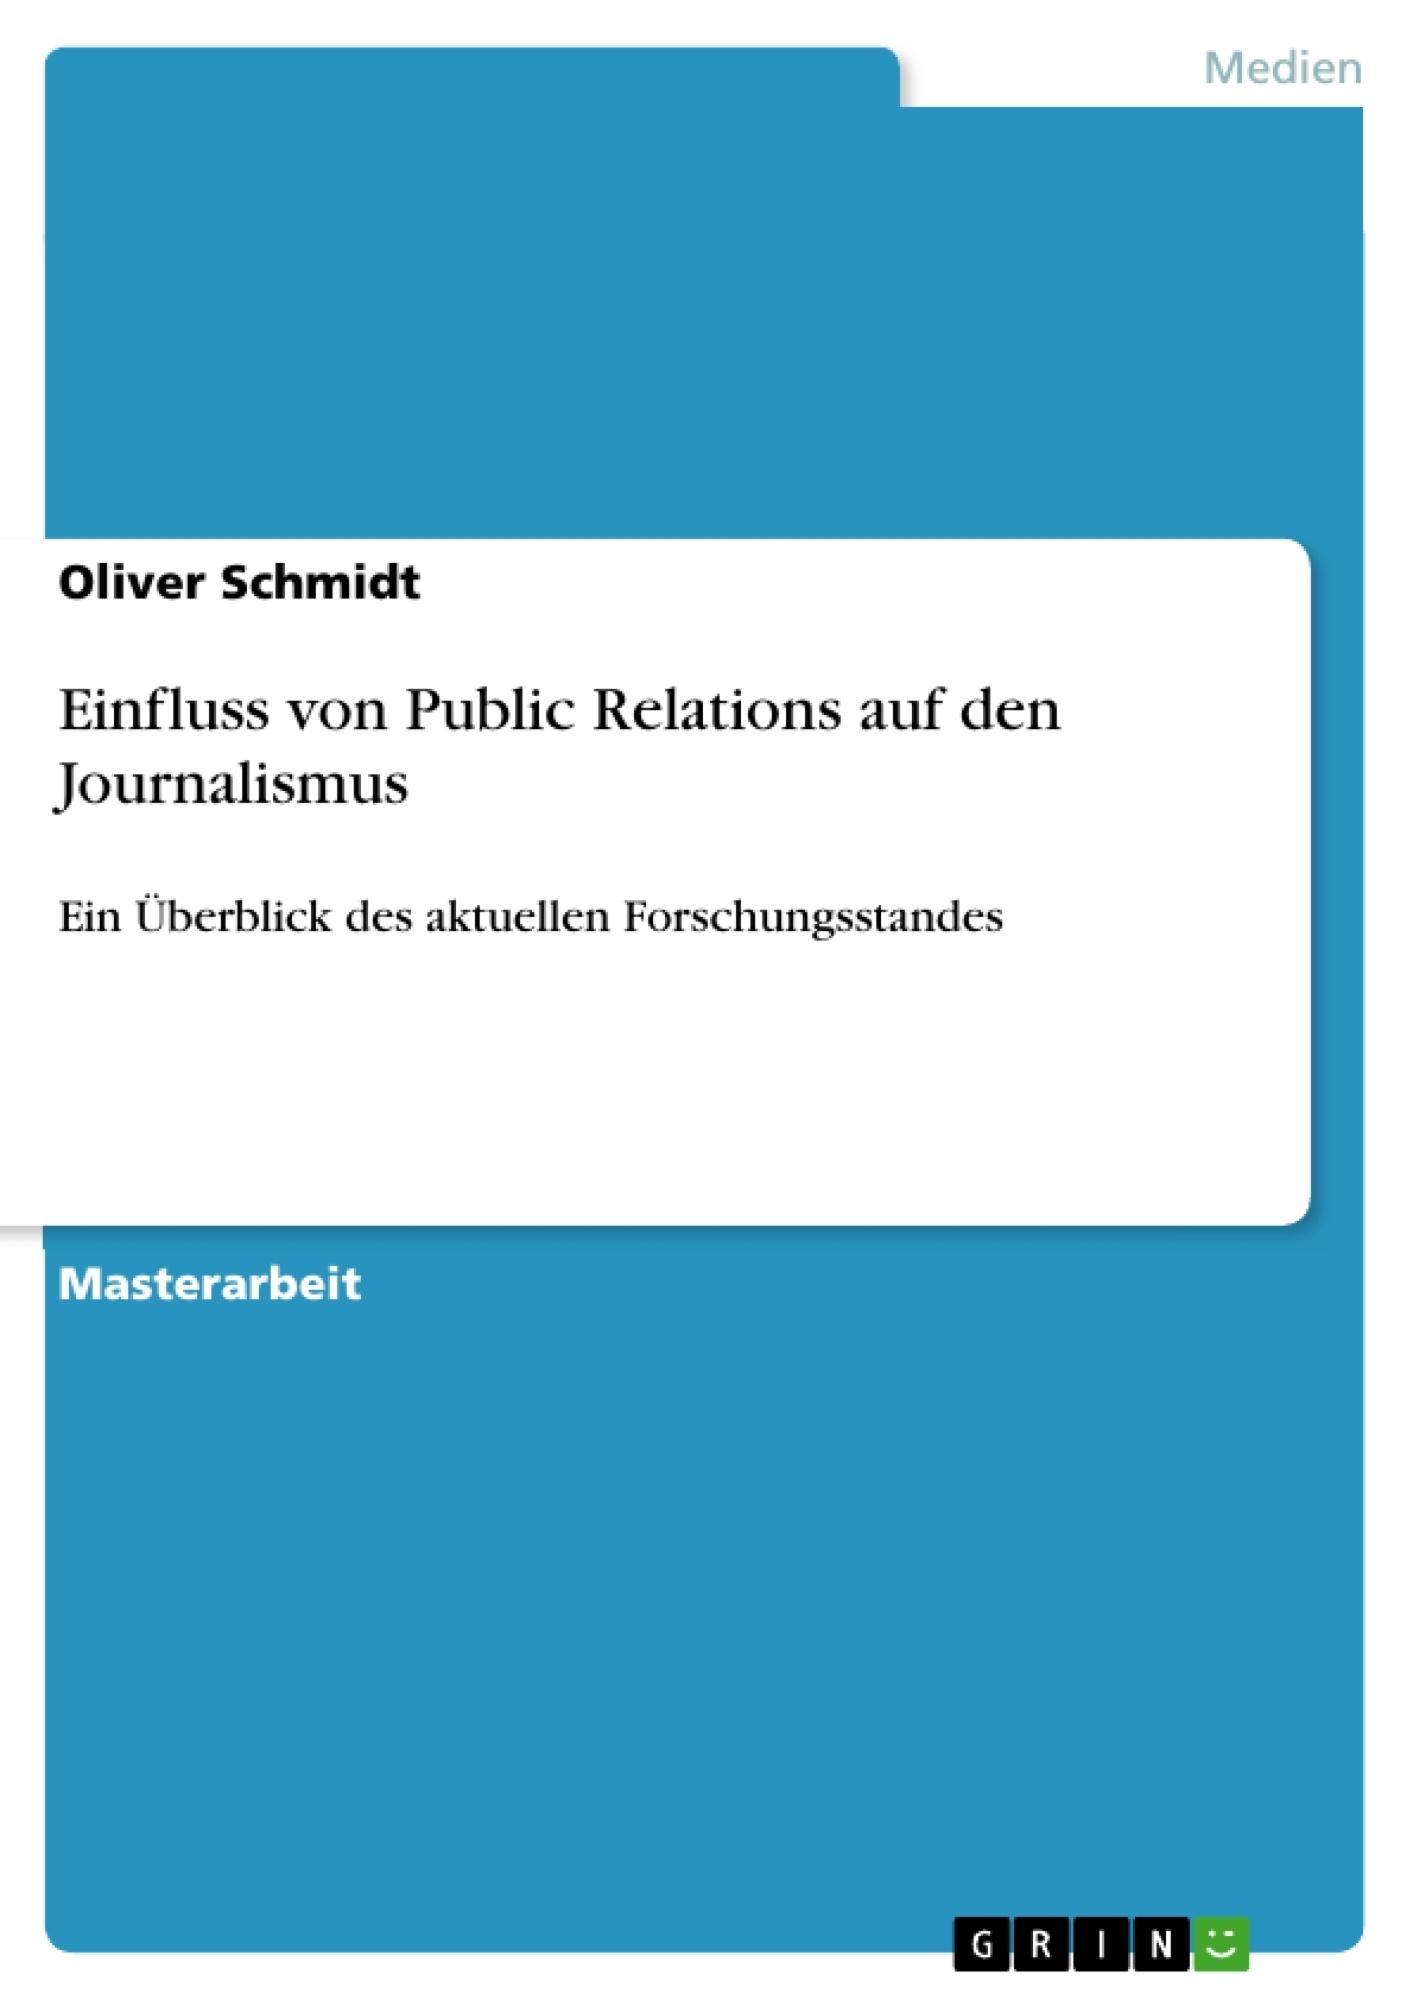 Titel: Einfluss von Public Relations auf den Journalismus